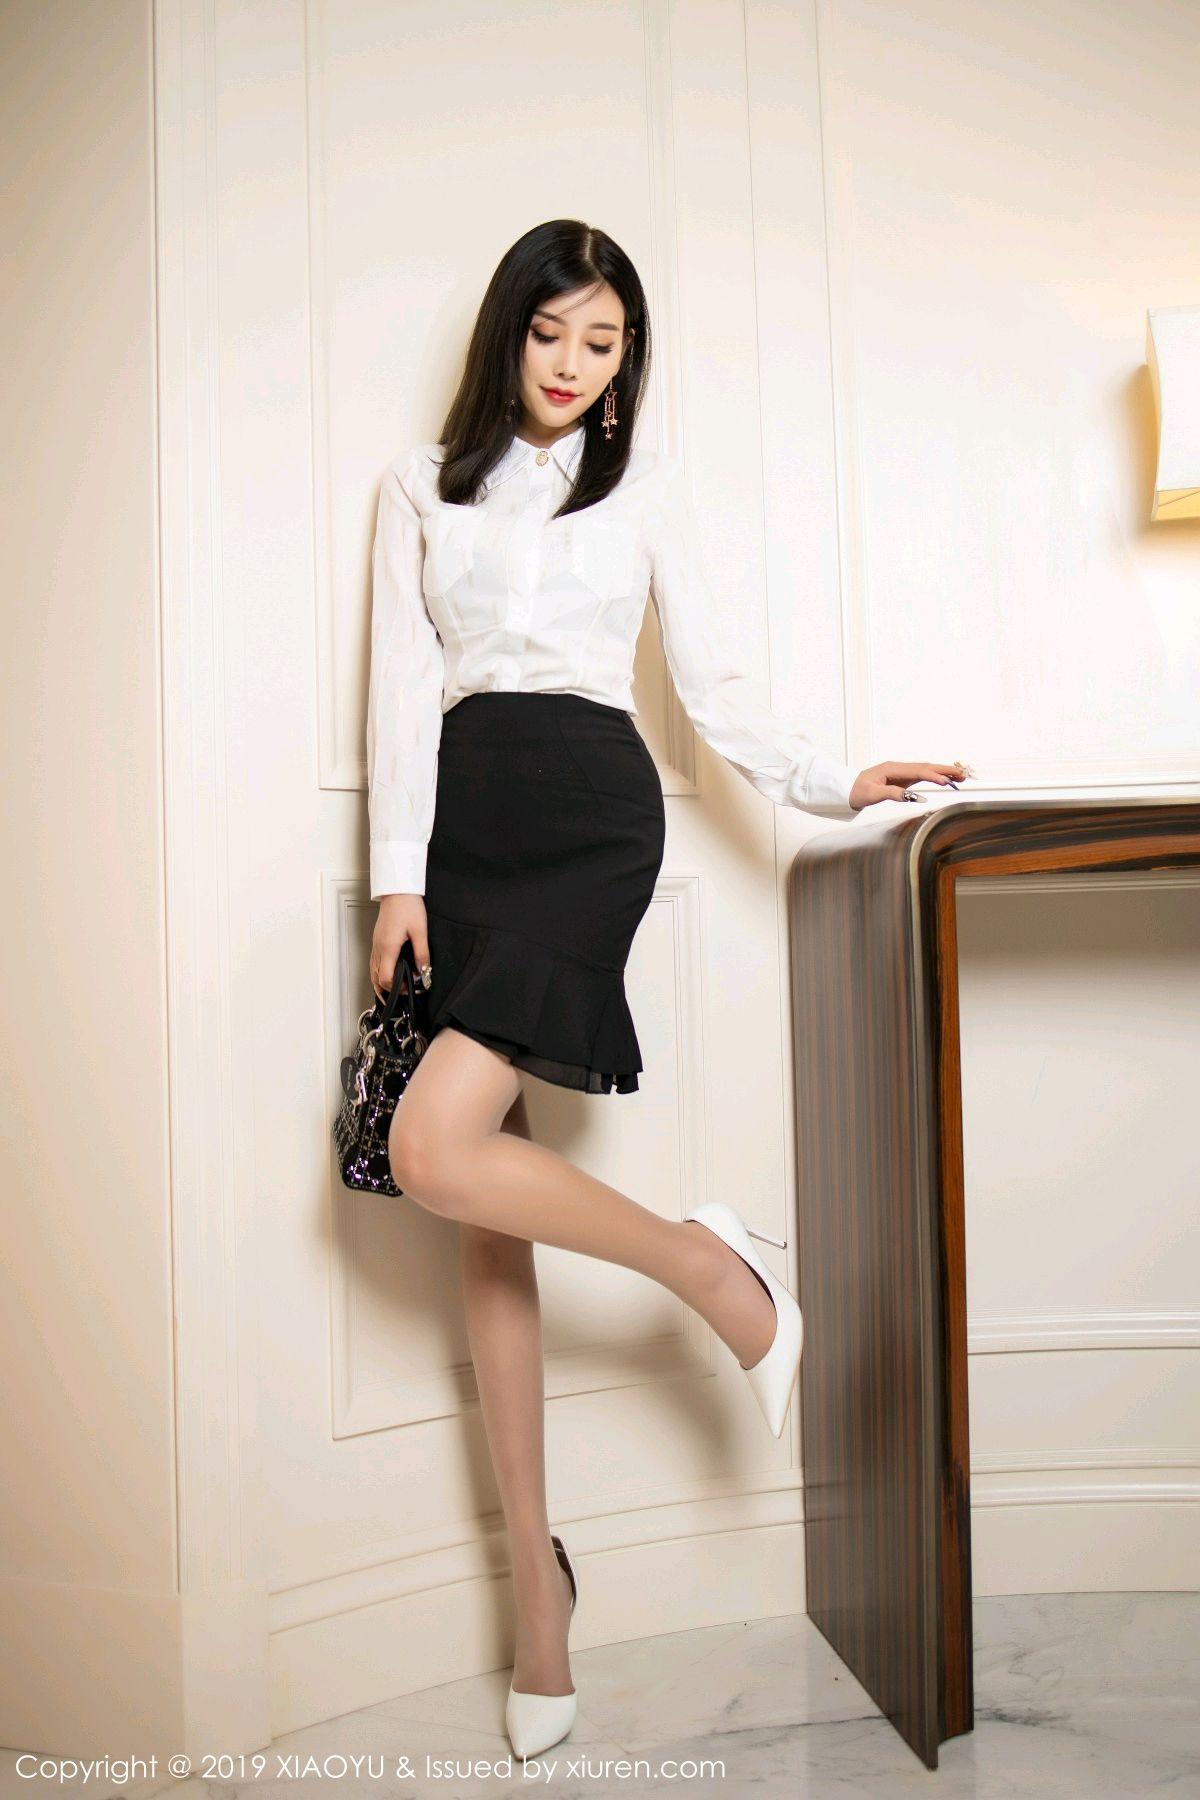 [XiaoYu] Vol.224 Yang Chen Chen 5P, Tall, Underwear, XiaoYu, Yang Chen Chen